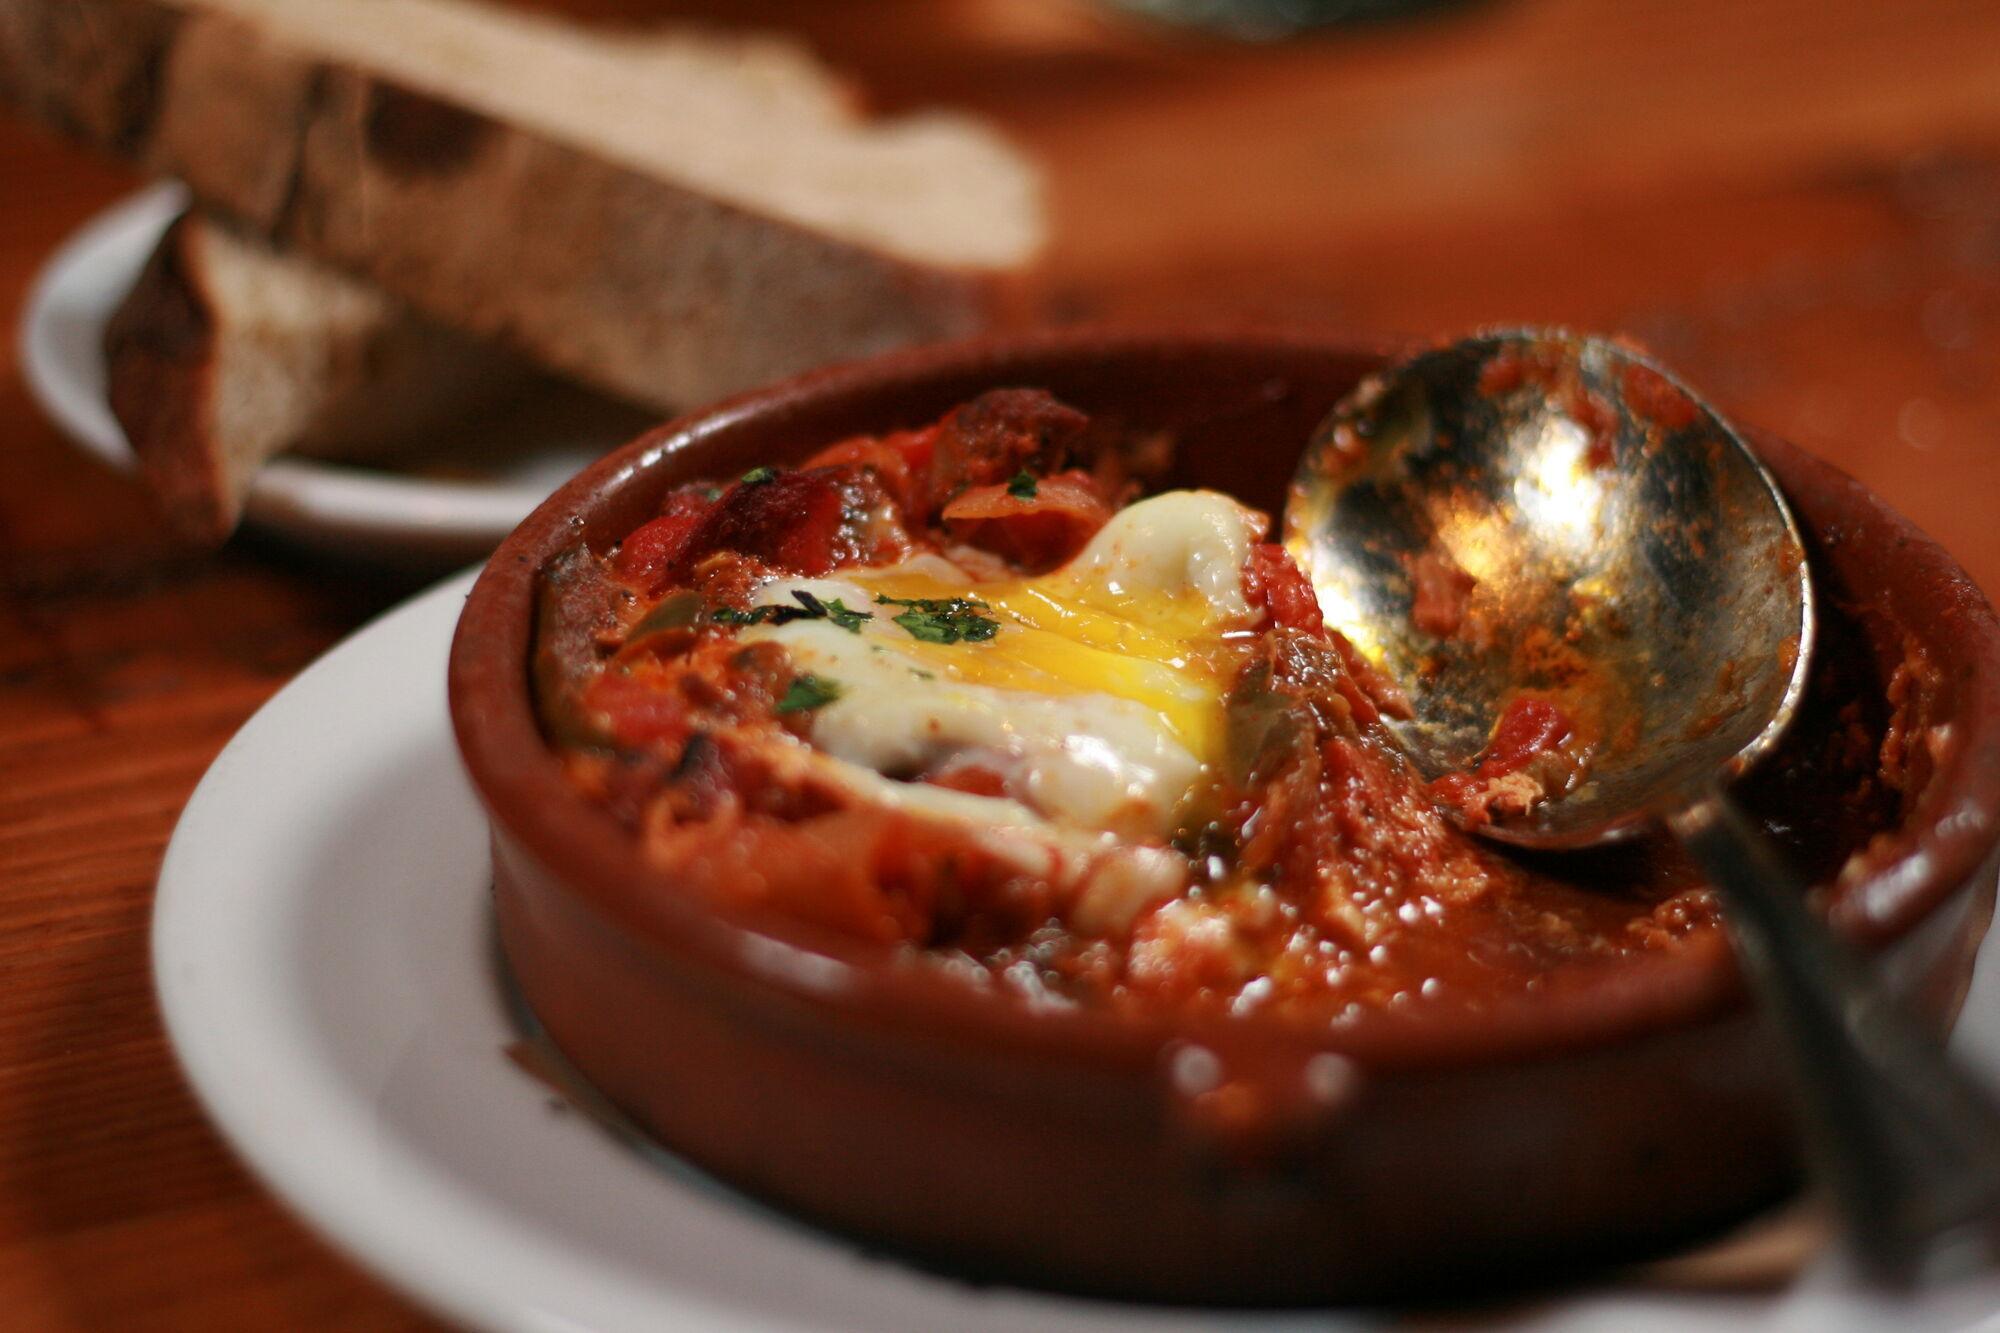 Шакшука. Страной происхождения этого блюда считается Тунис